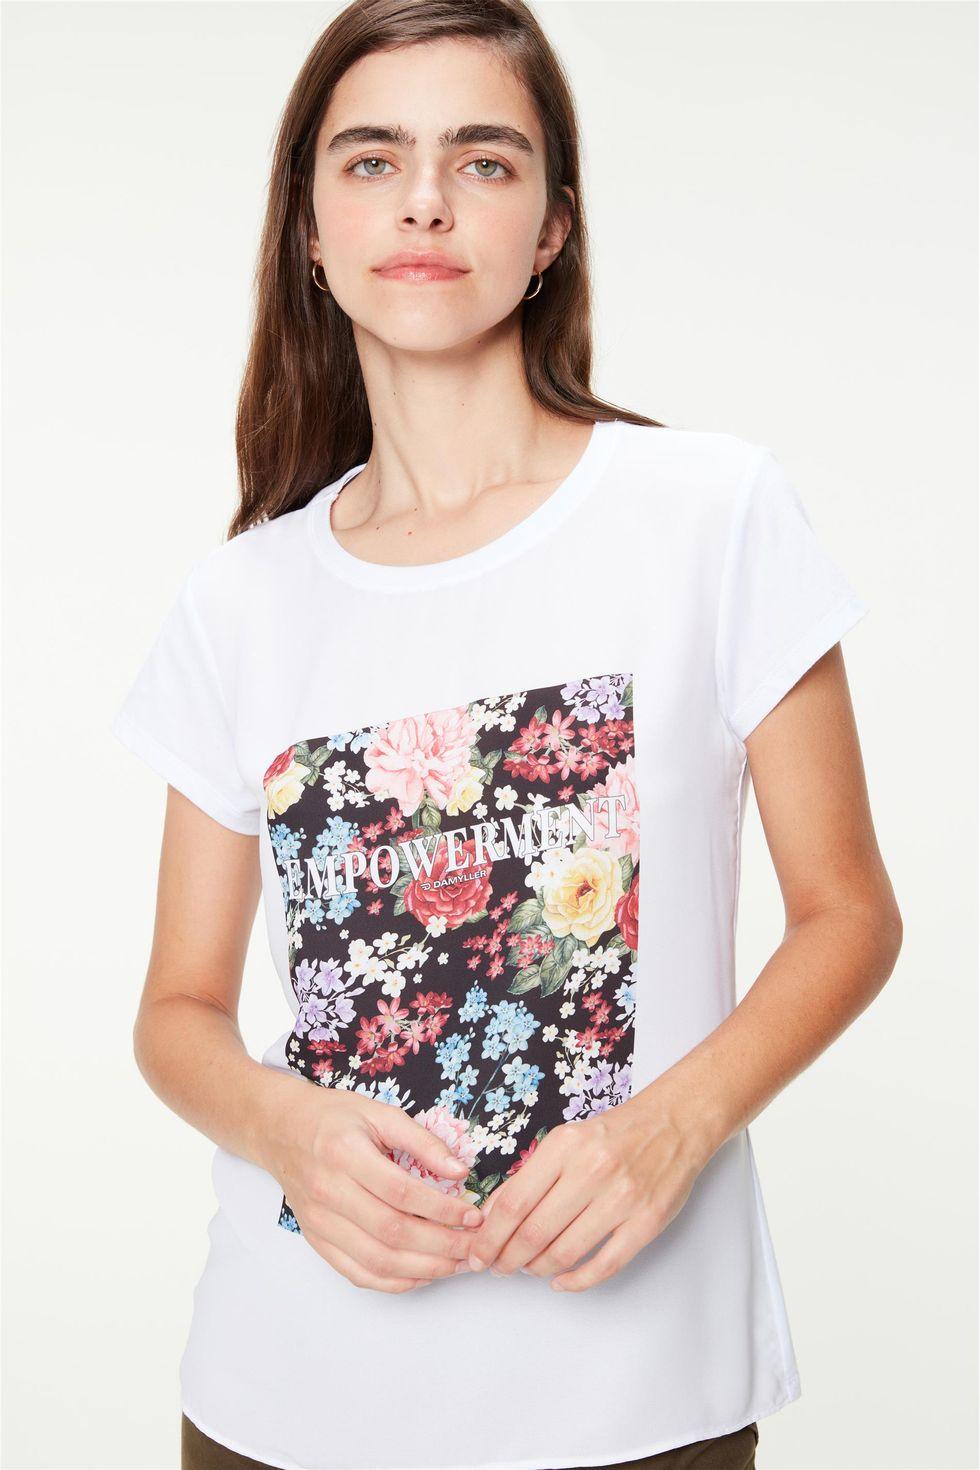 Camiseta-Estampa-Empowerment-Feminina-Frente--